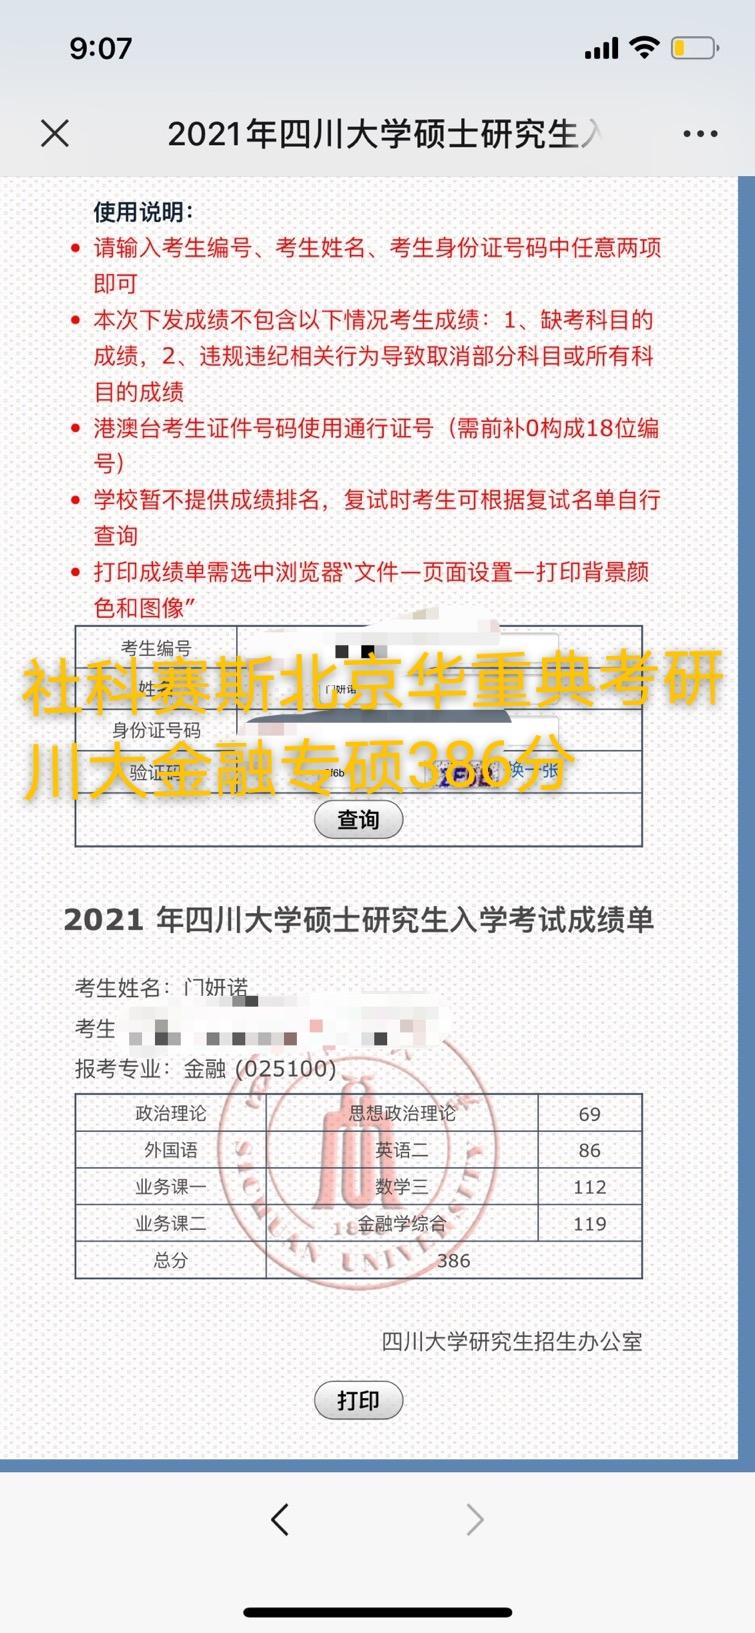 2021考研初试成绩:四川大学考研初试成绩查询入口开启!社科赛斯华重典金融专硕学员386高分!